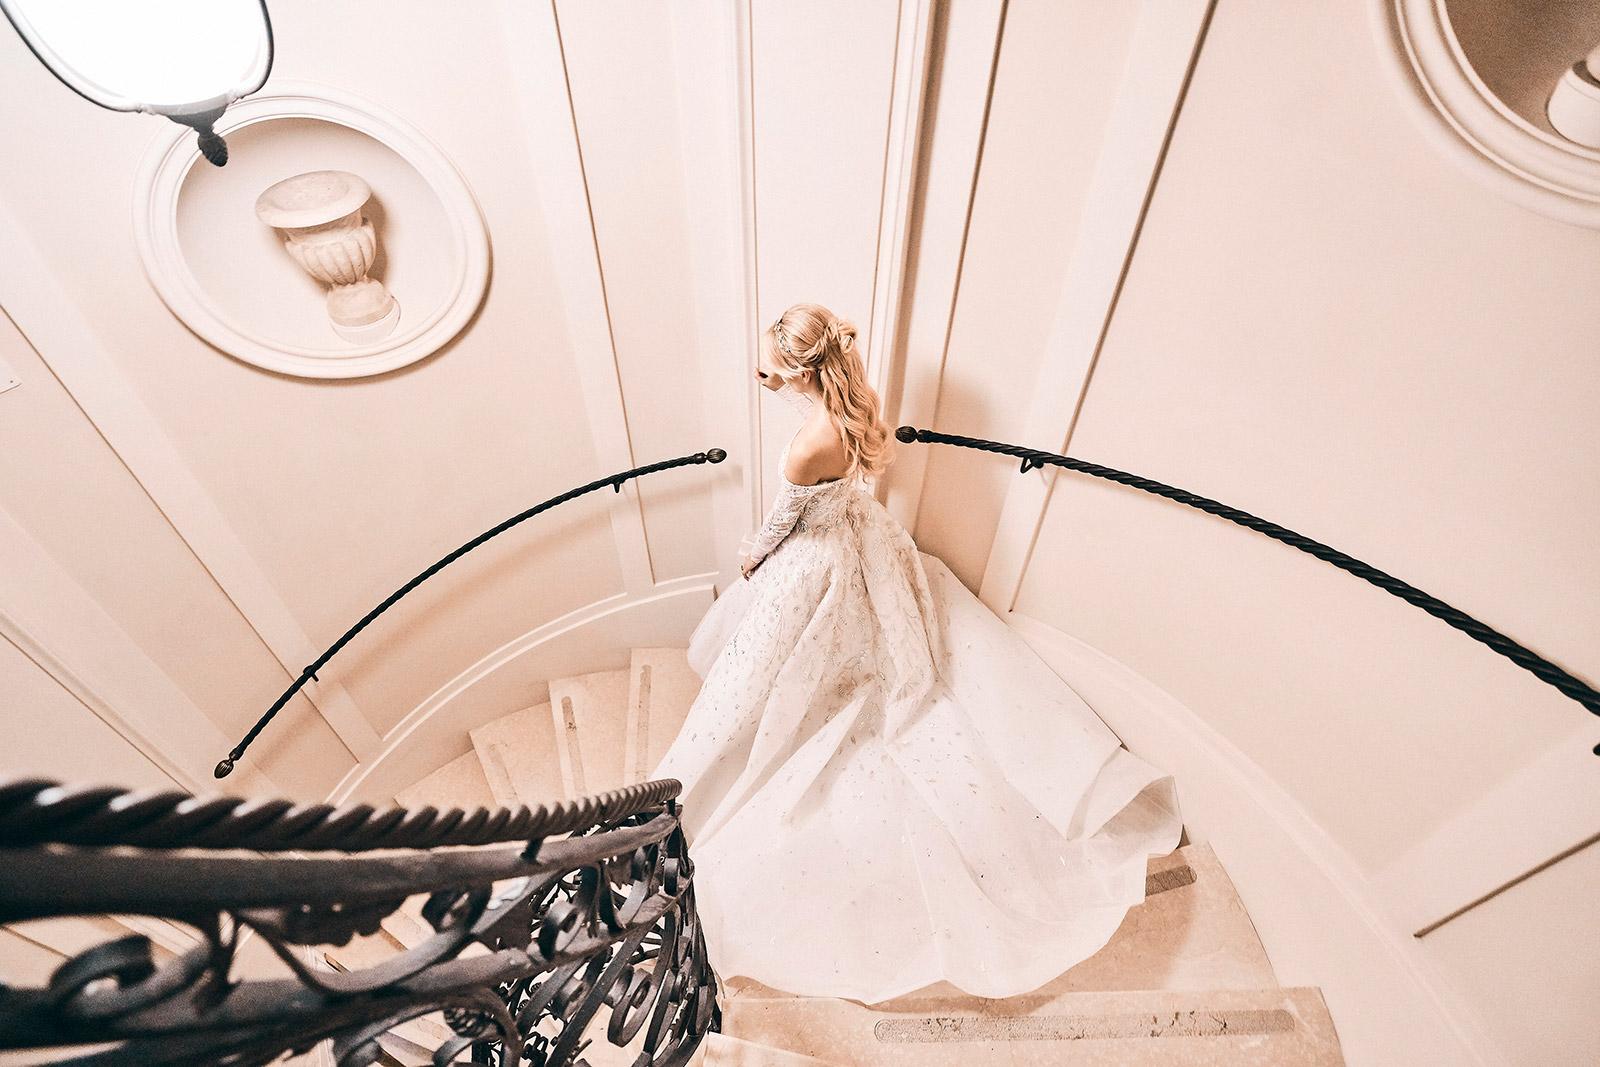 Matrimonio Country Chic Treviso : Fotografo matrimonio vicenza nerosubianco fotografia vicenza